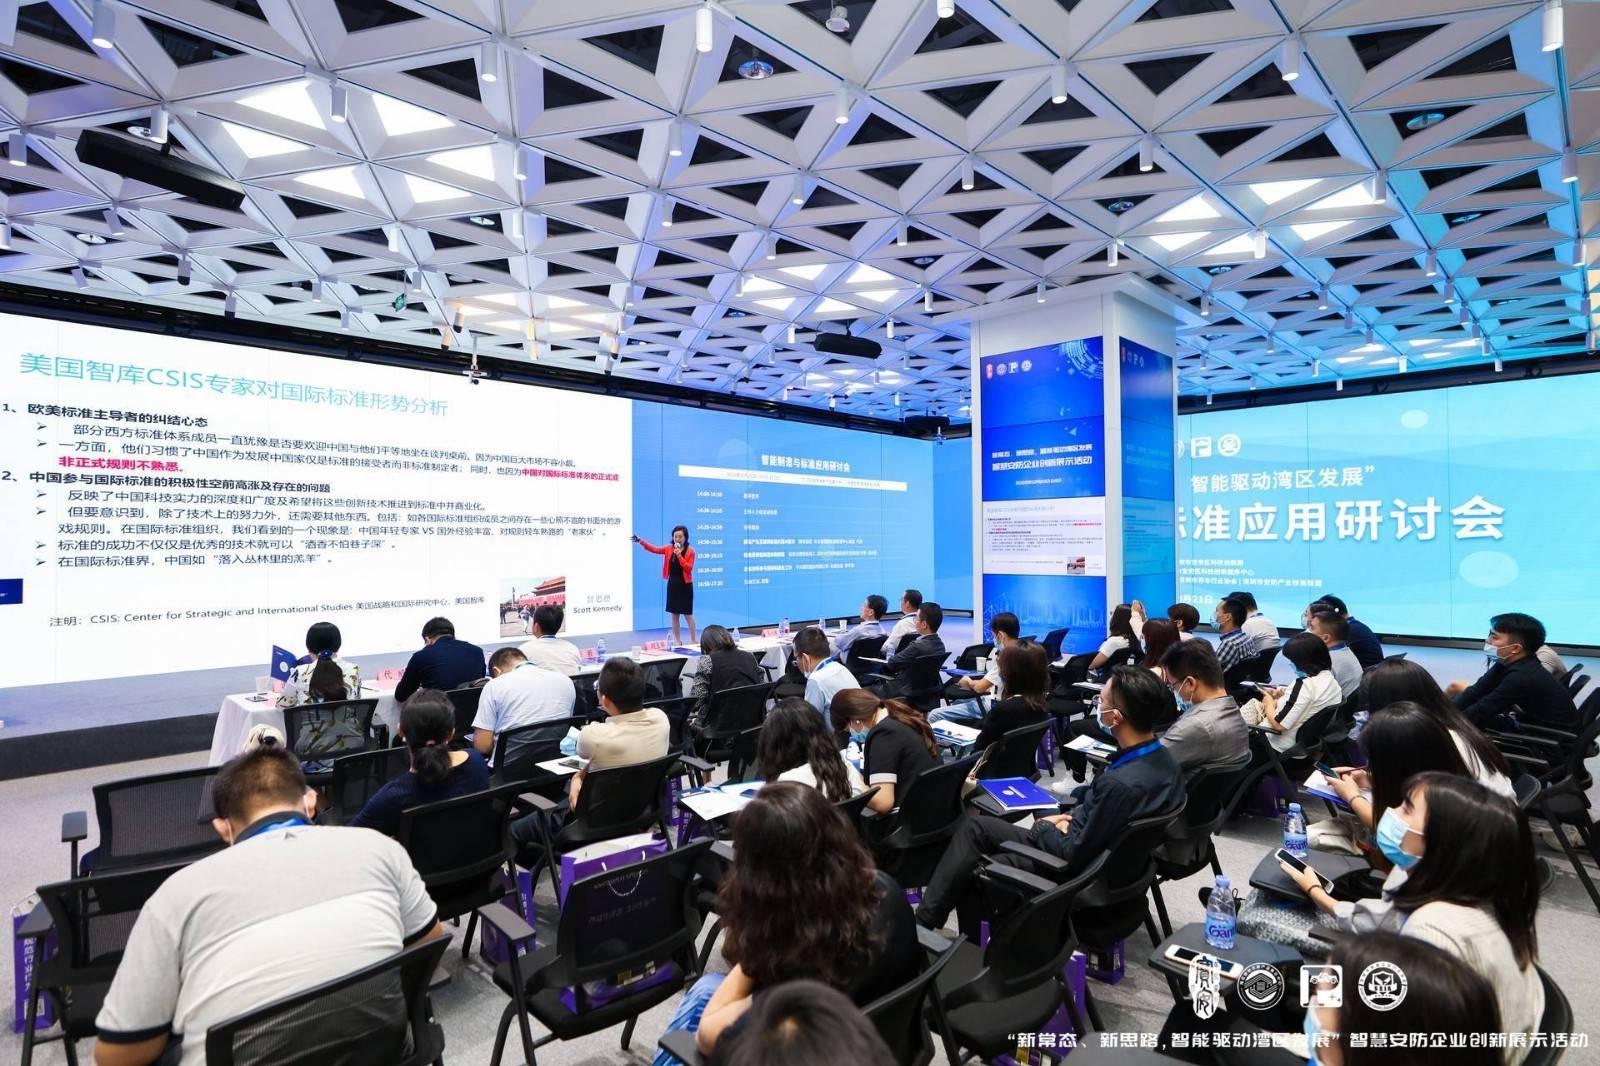 深创赛行业决赛结果揭晓 180个项目获奖 一窥深圳科技产业发展最新态势